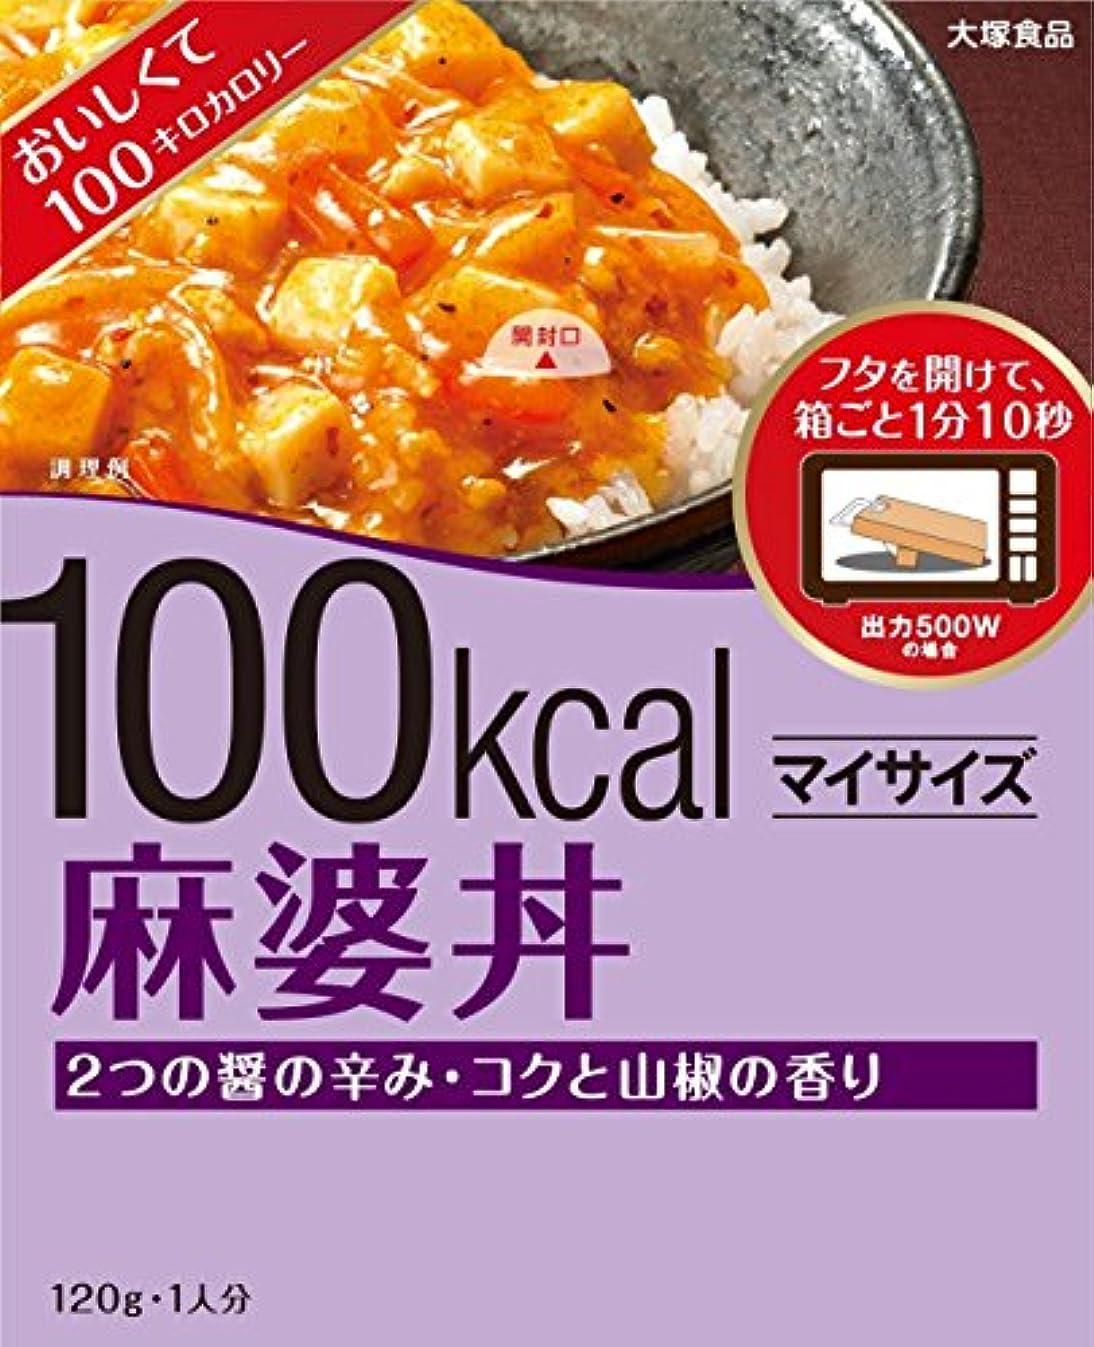 マルコポーロ逆さまに待って大塚 マイサイズ 麻婆丼 120g【5個セット】